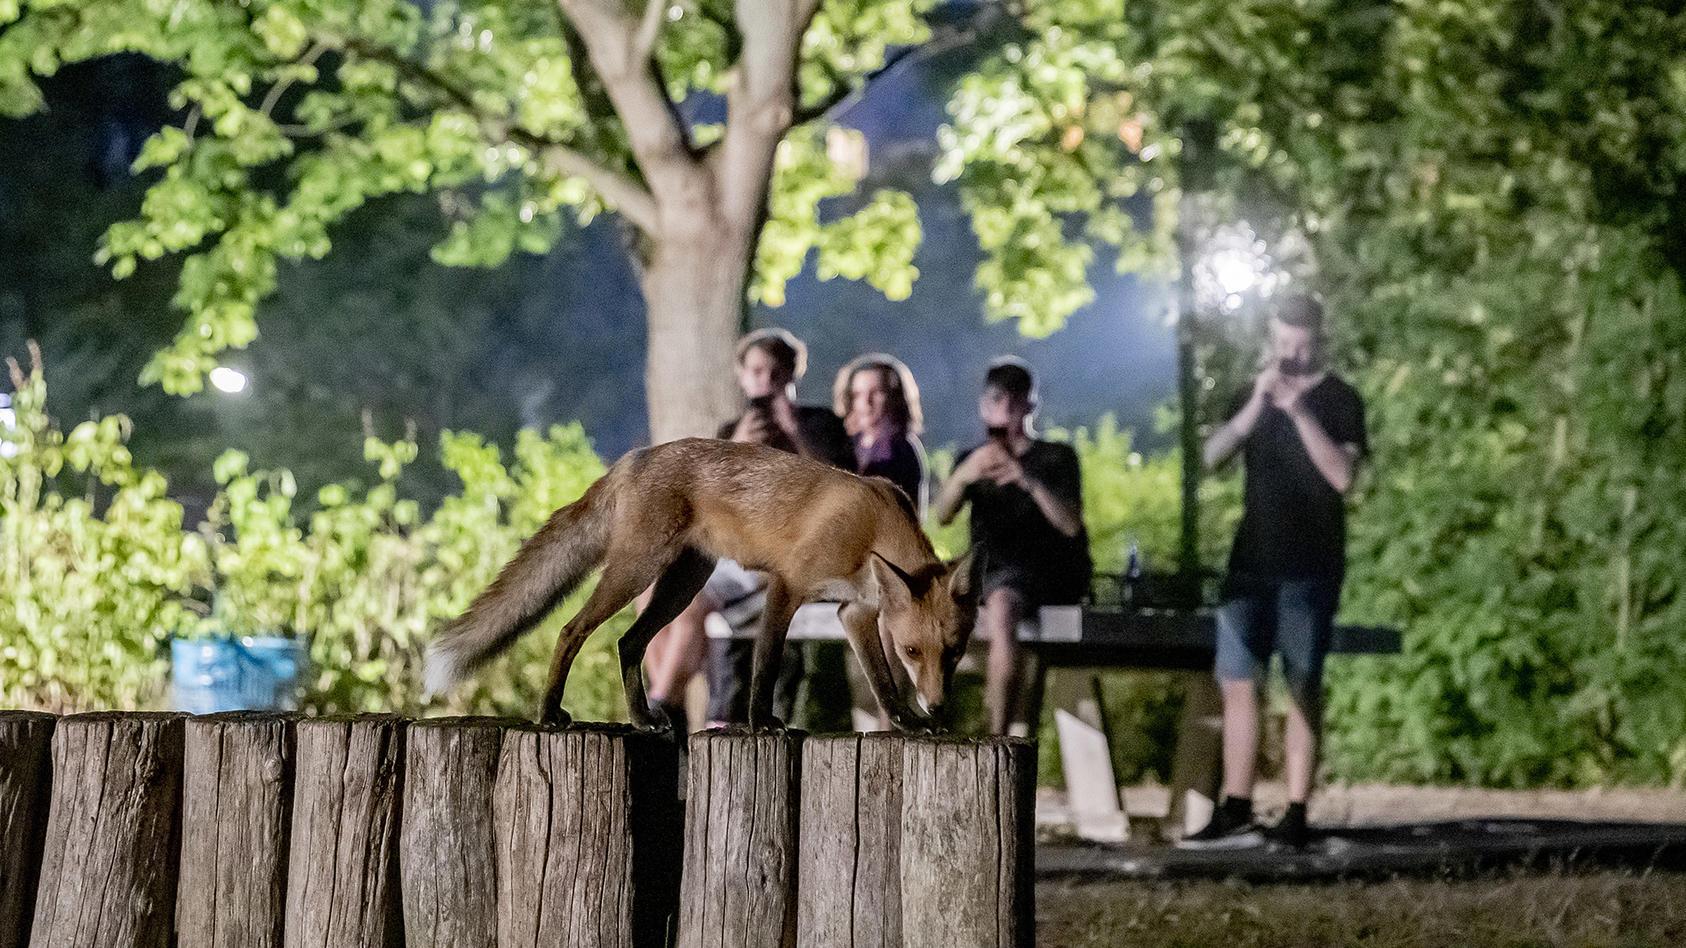 Füchse kommen uns - zumindest in Berlin - immer näher. Woran liegt das?